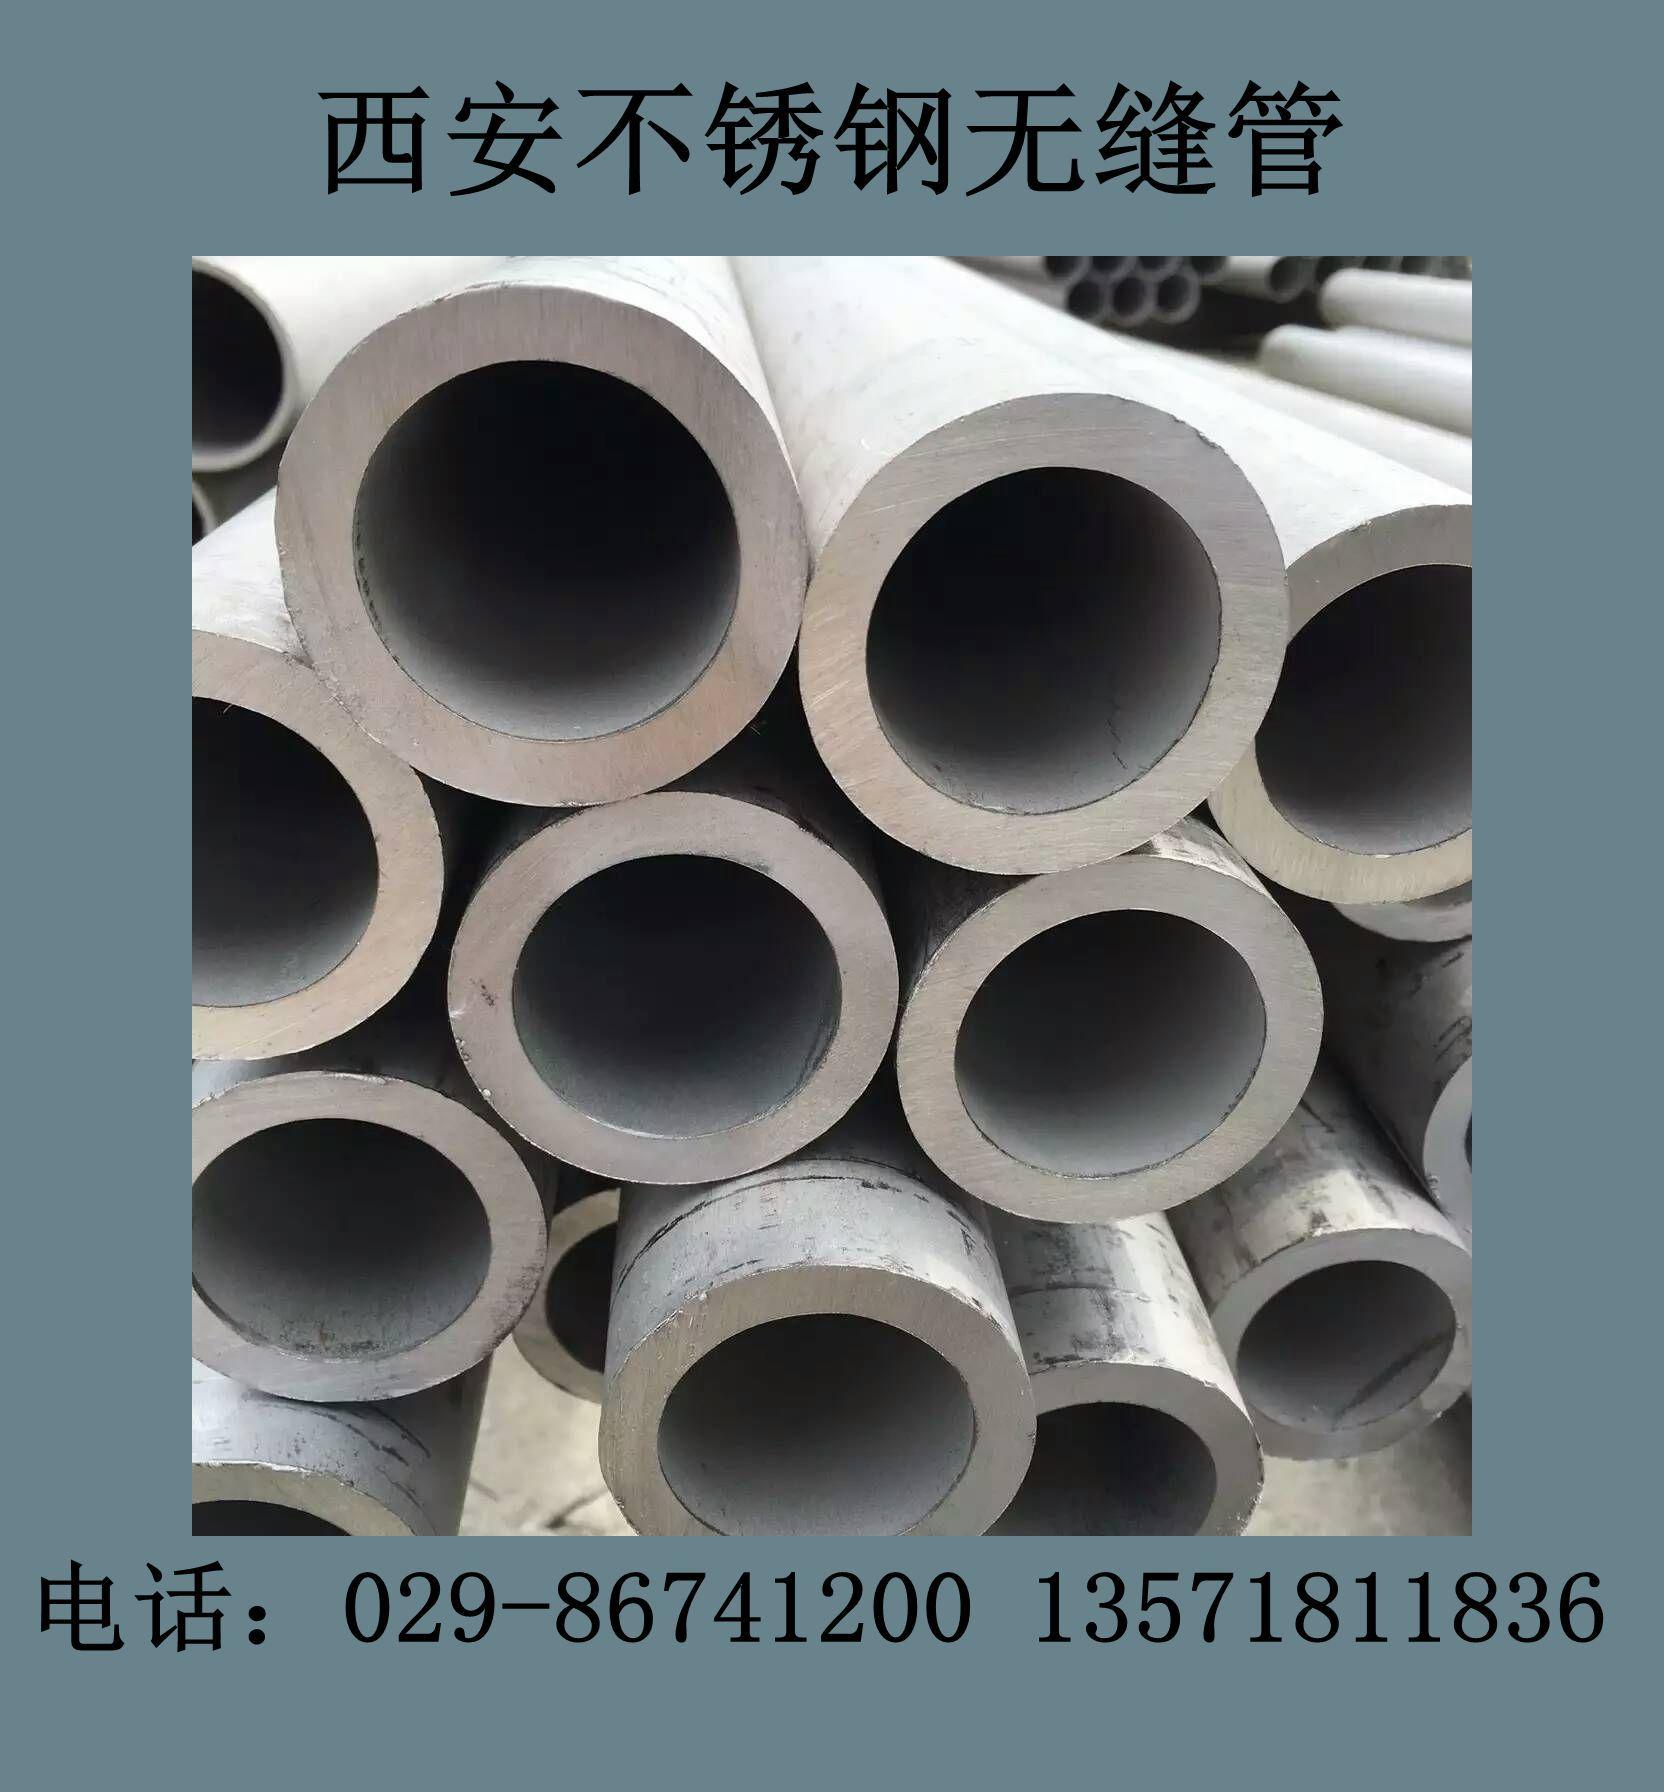 哈密不銹鋼管哈密304不銹鋼管哈密310s不銹鋼管廠家直銷批發零售